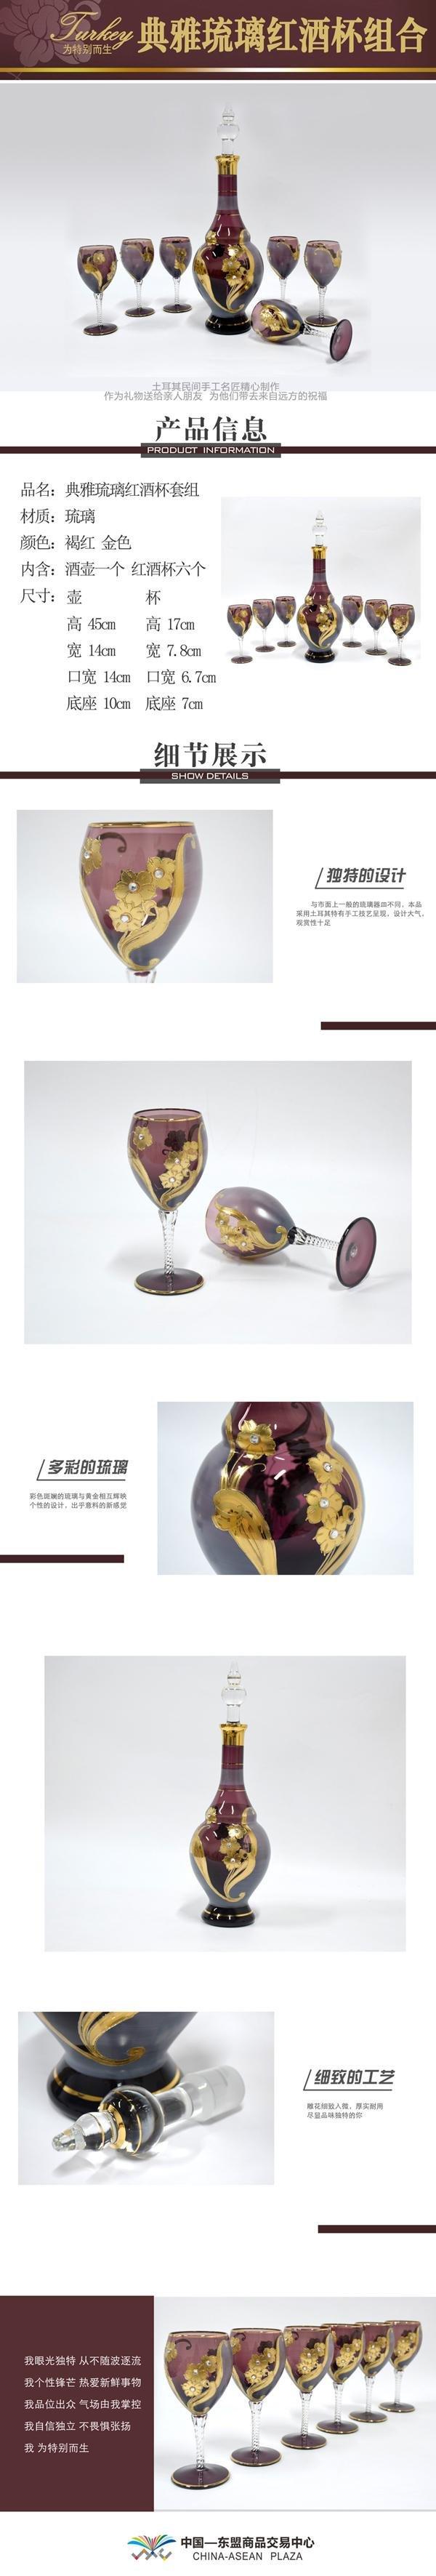 【土耳其】典雅镶钻琉璃红酒杯套组图片一